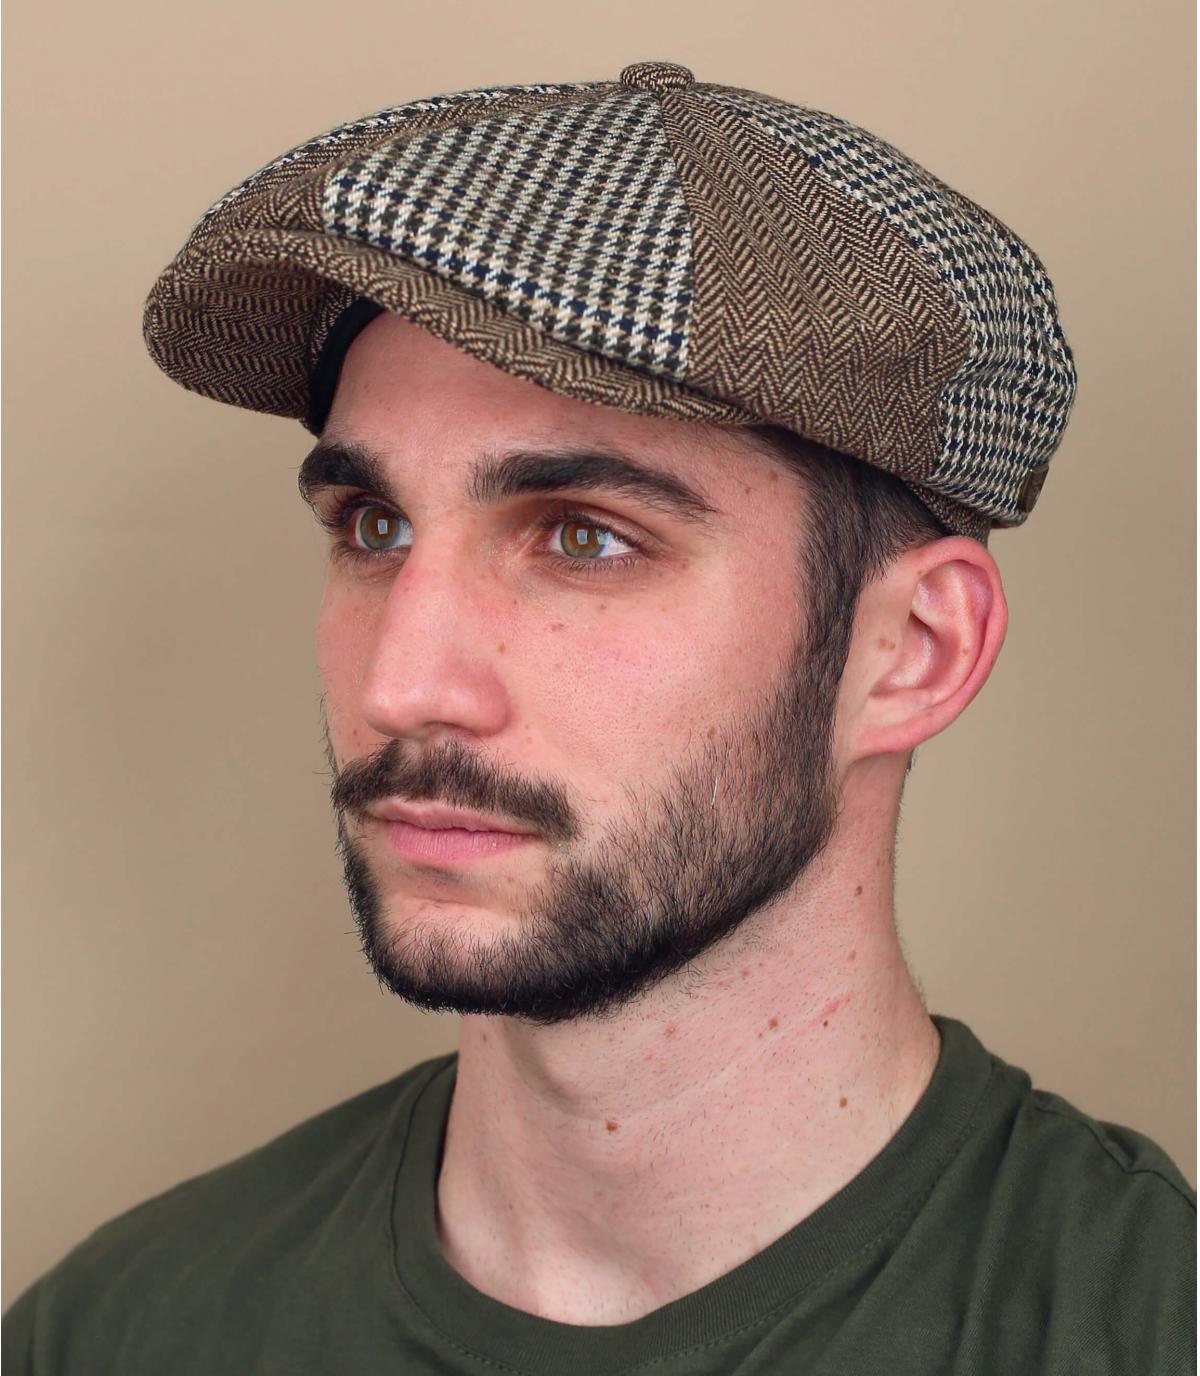 Brixton patchwork newsboy cap